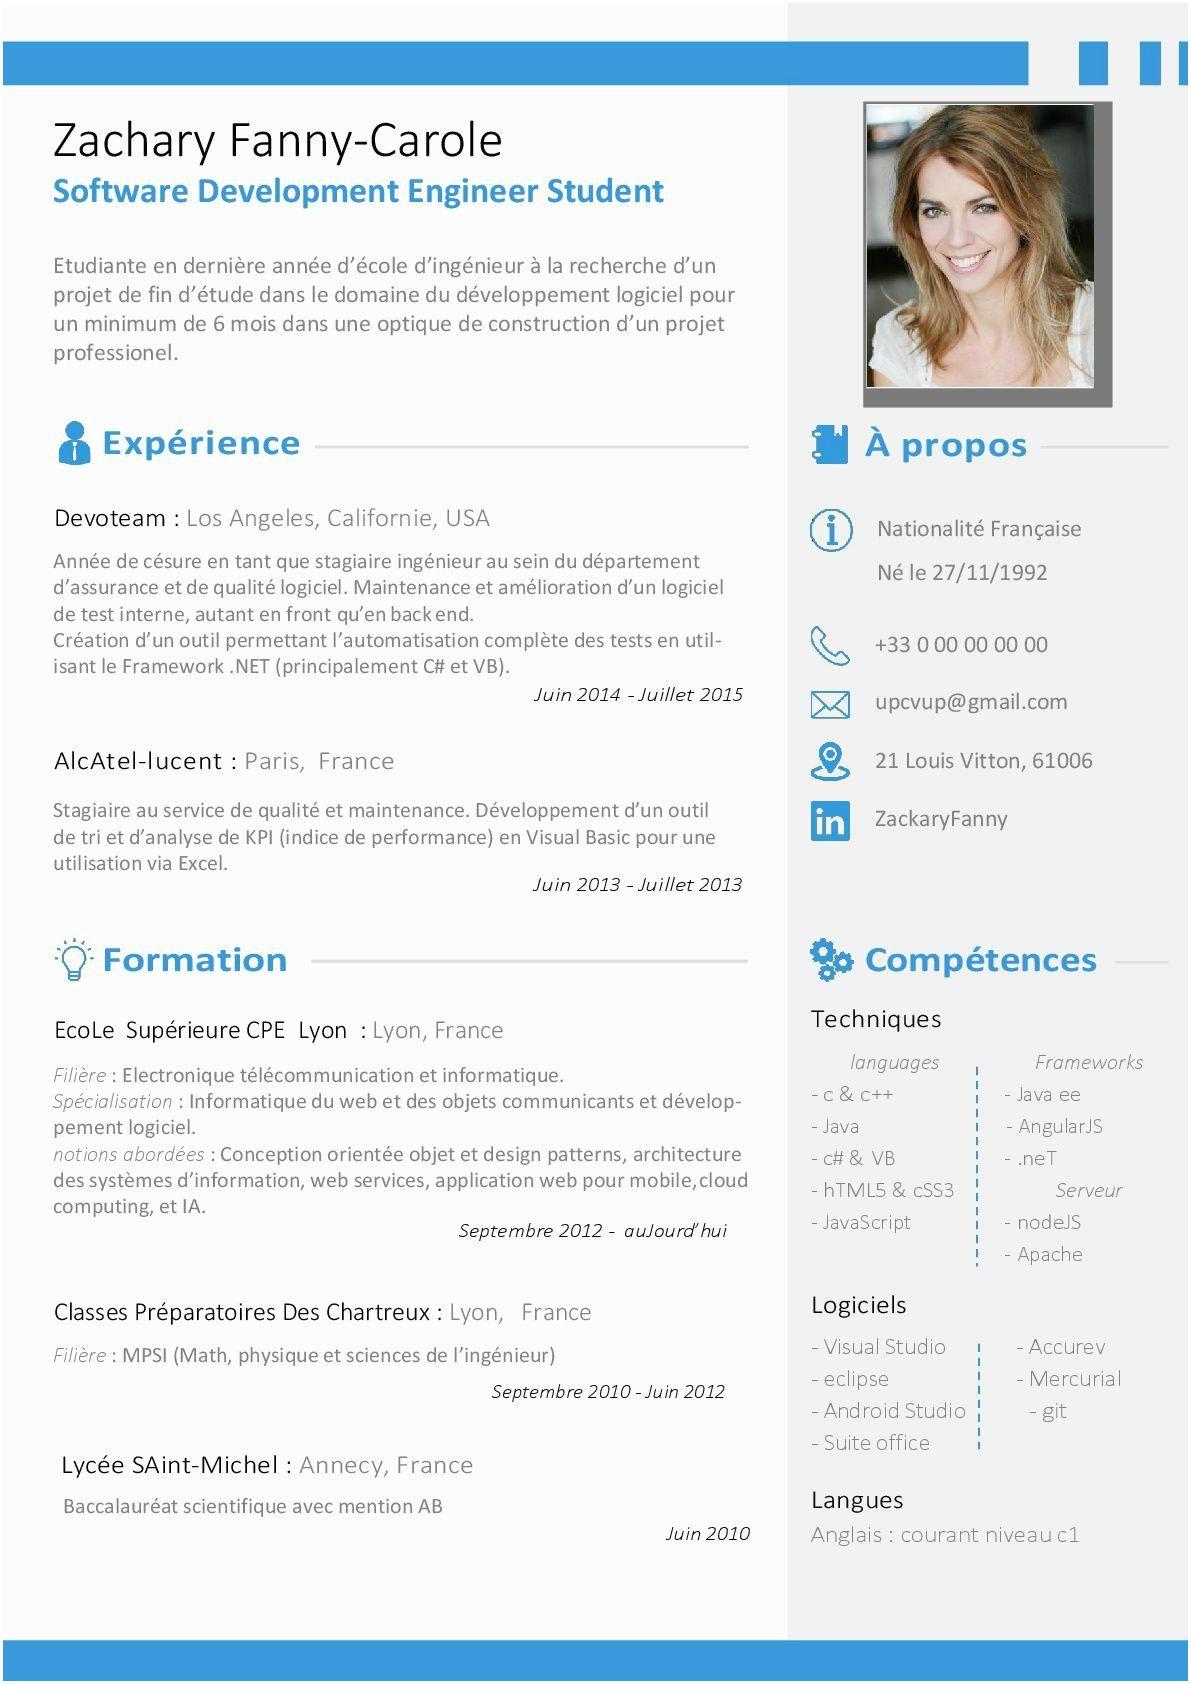 CV Ingénieur Informatique Modèle CV sur mesure moderne ...